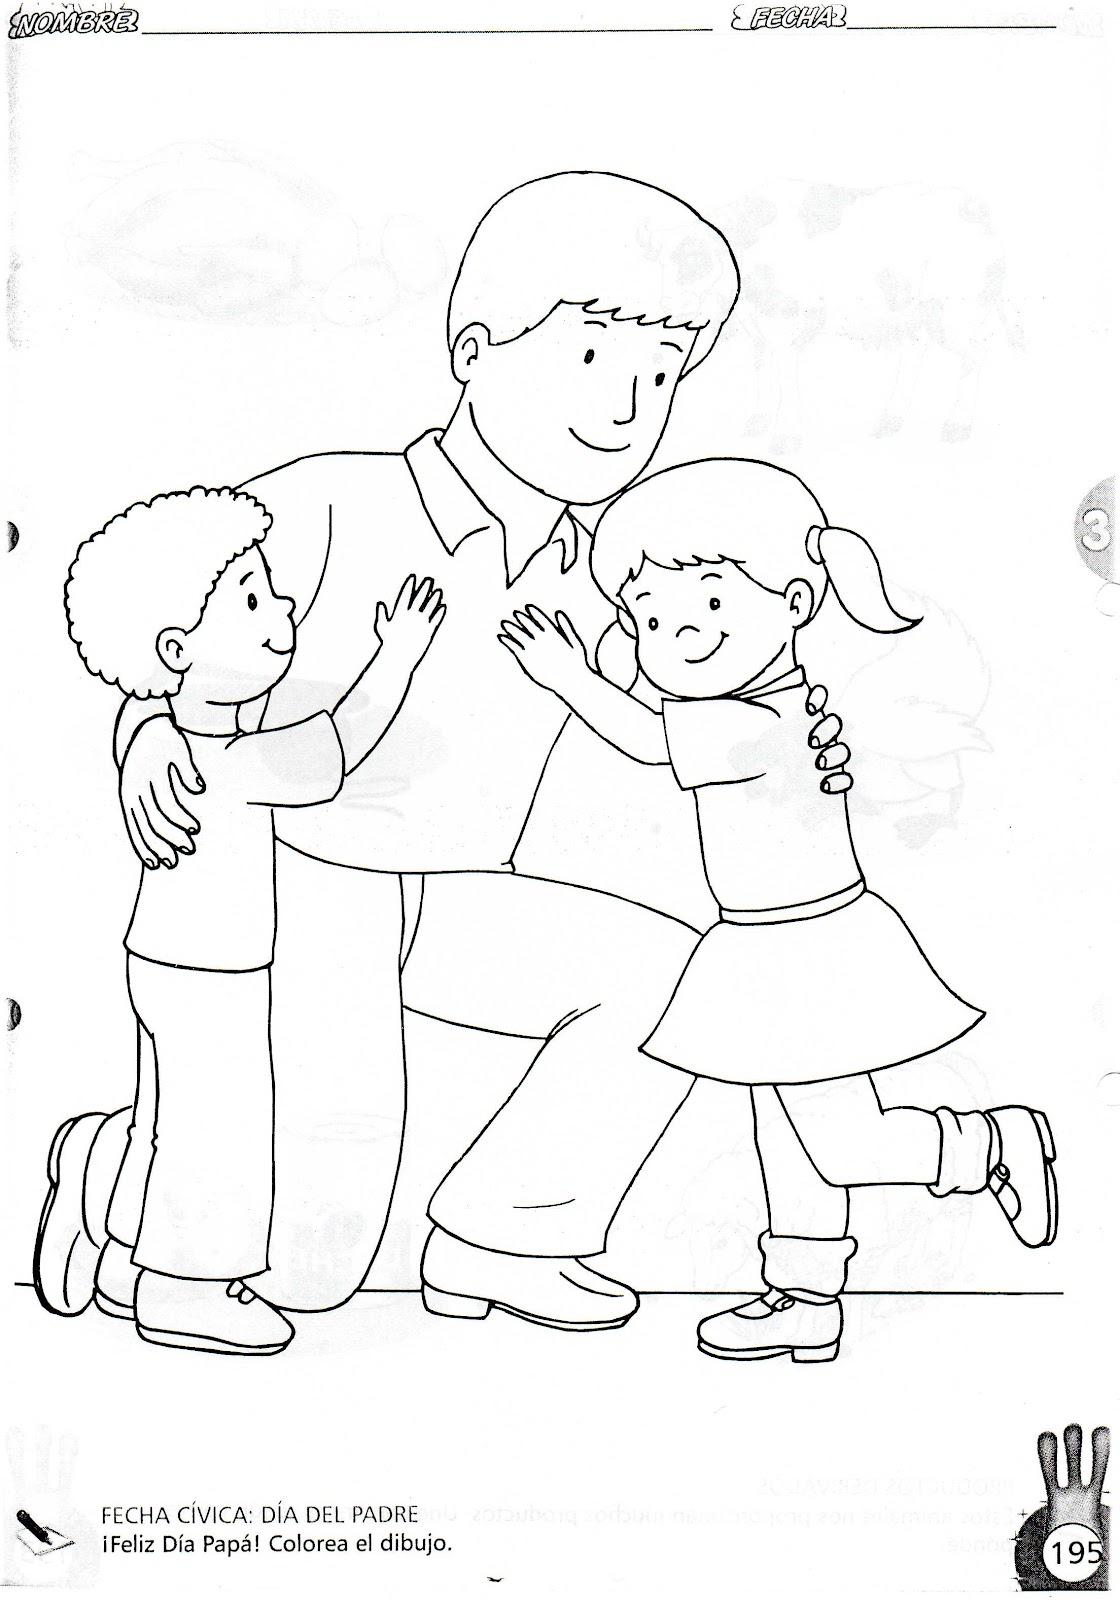 Fichas De Tipos De Familias Fichas Para Educación Inicial